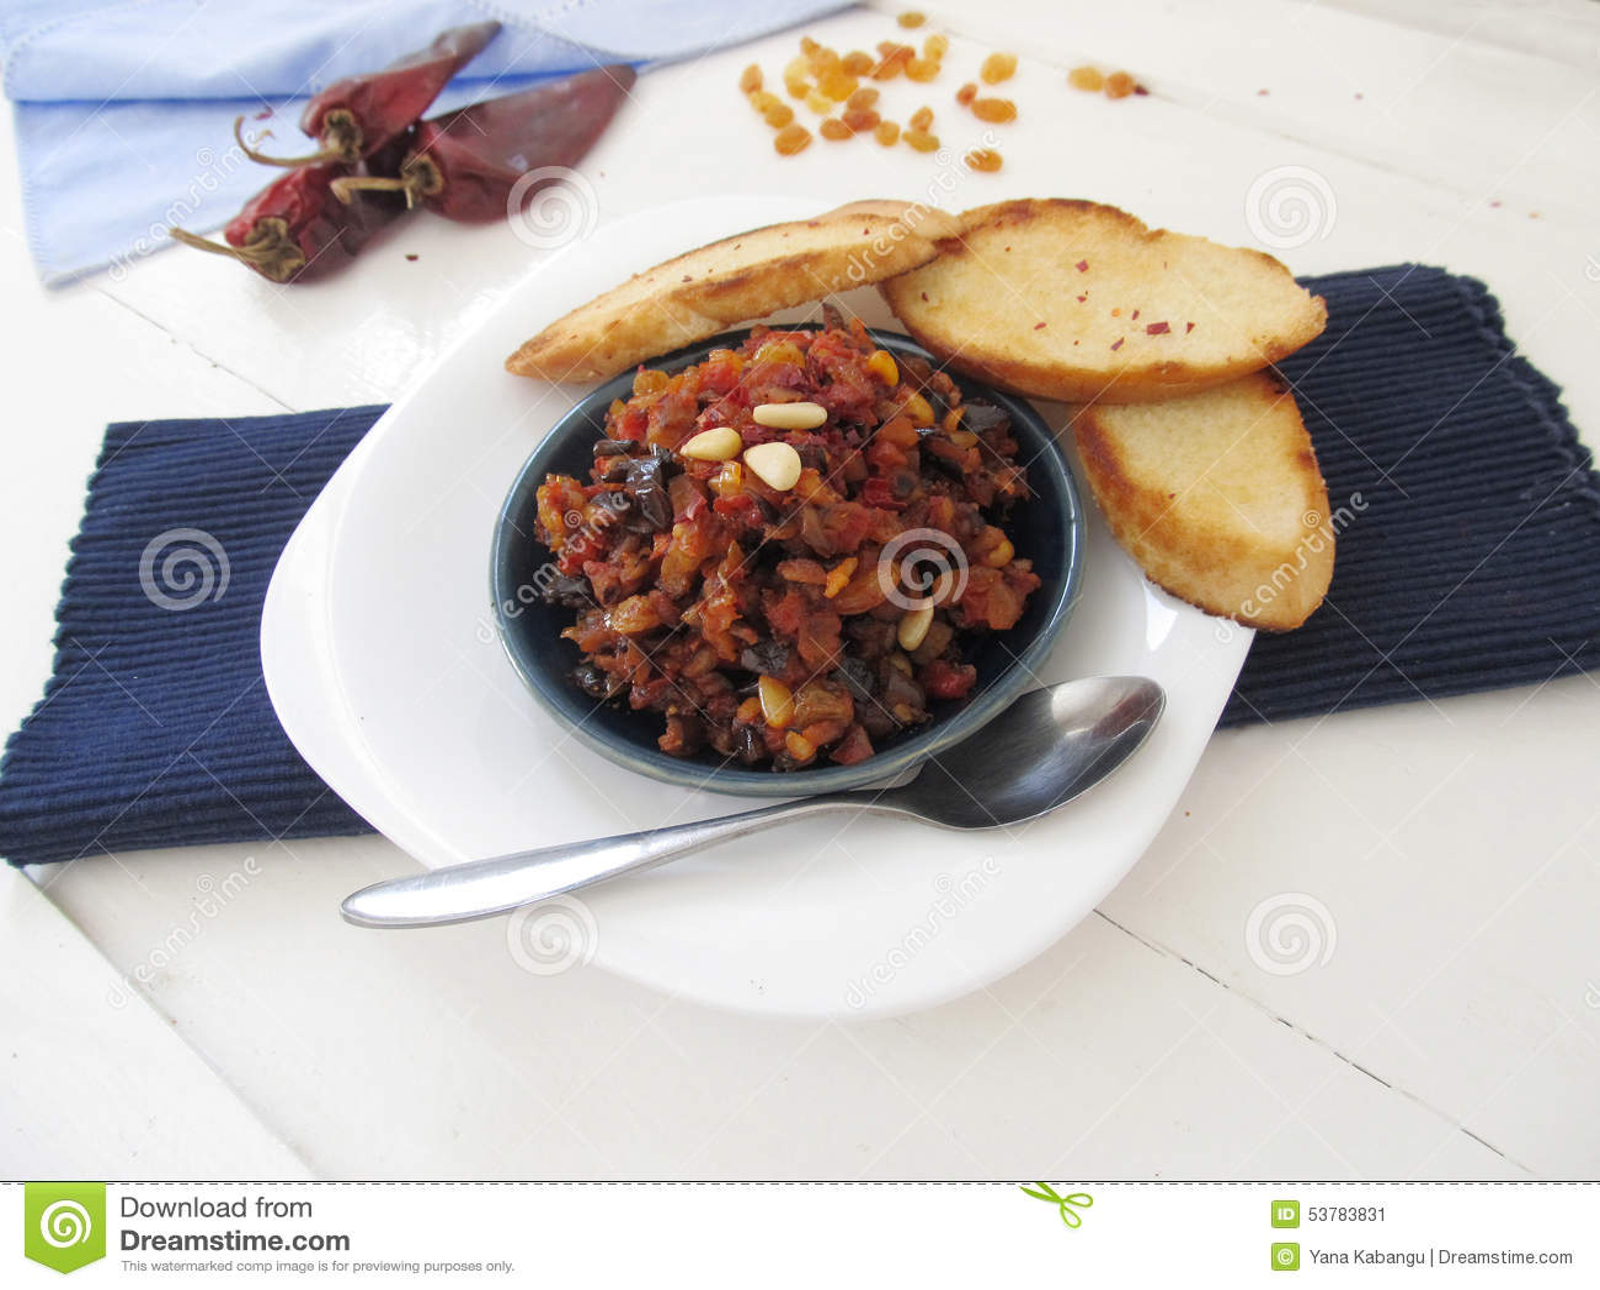 relish caponata eggplant relish eggplant caponata eggplant caponata ...